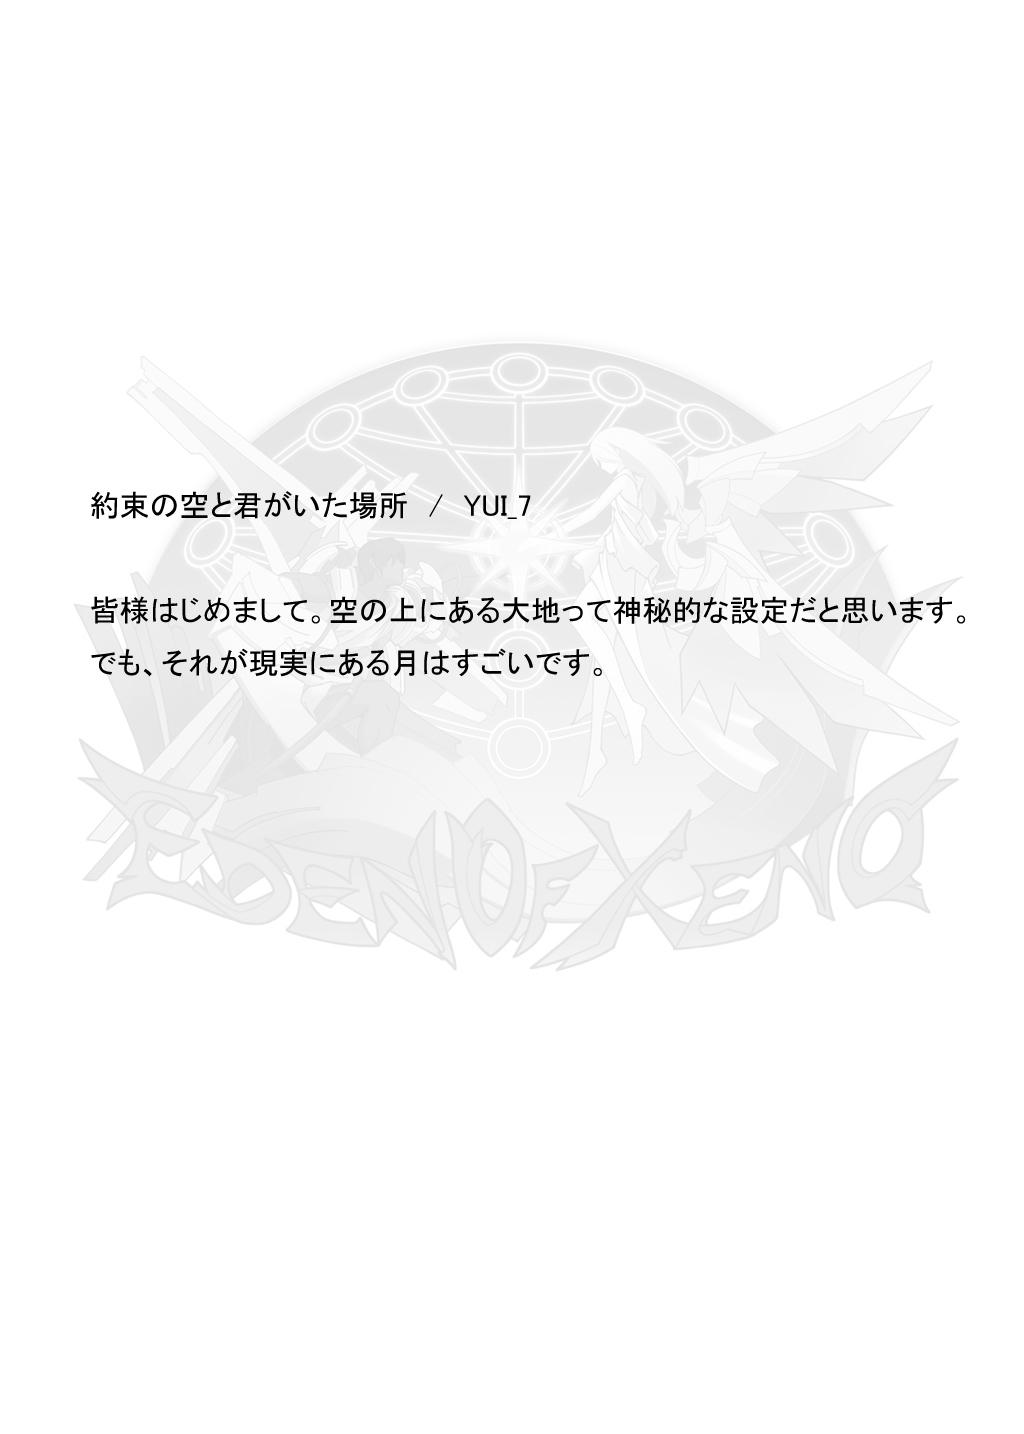 Yakusoku no Sora to Kimigaita Basho 1 ~ 2 67